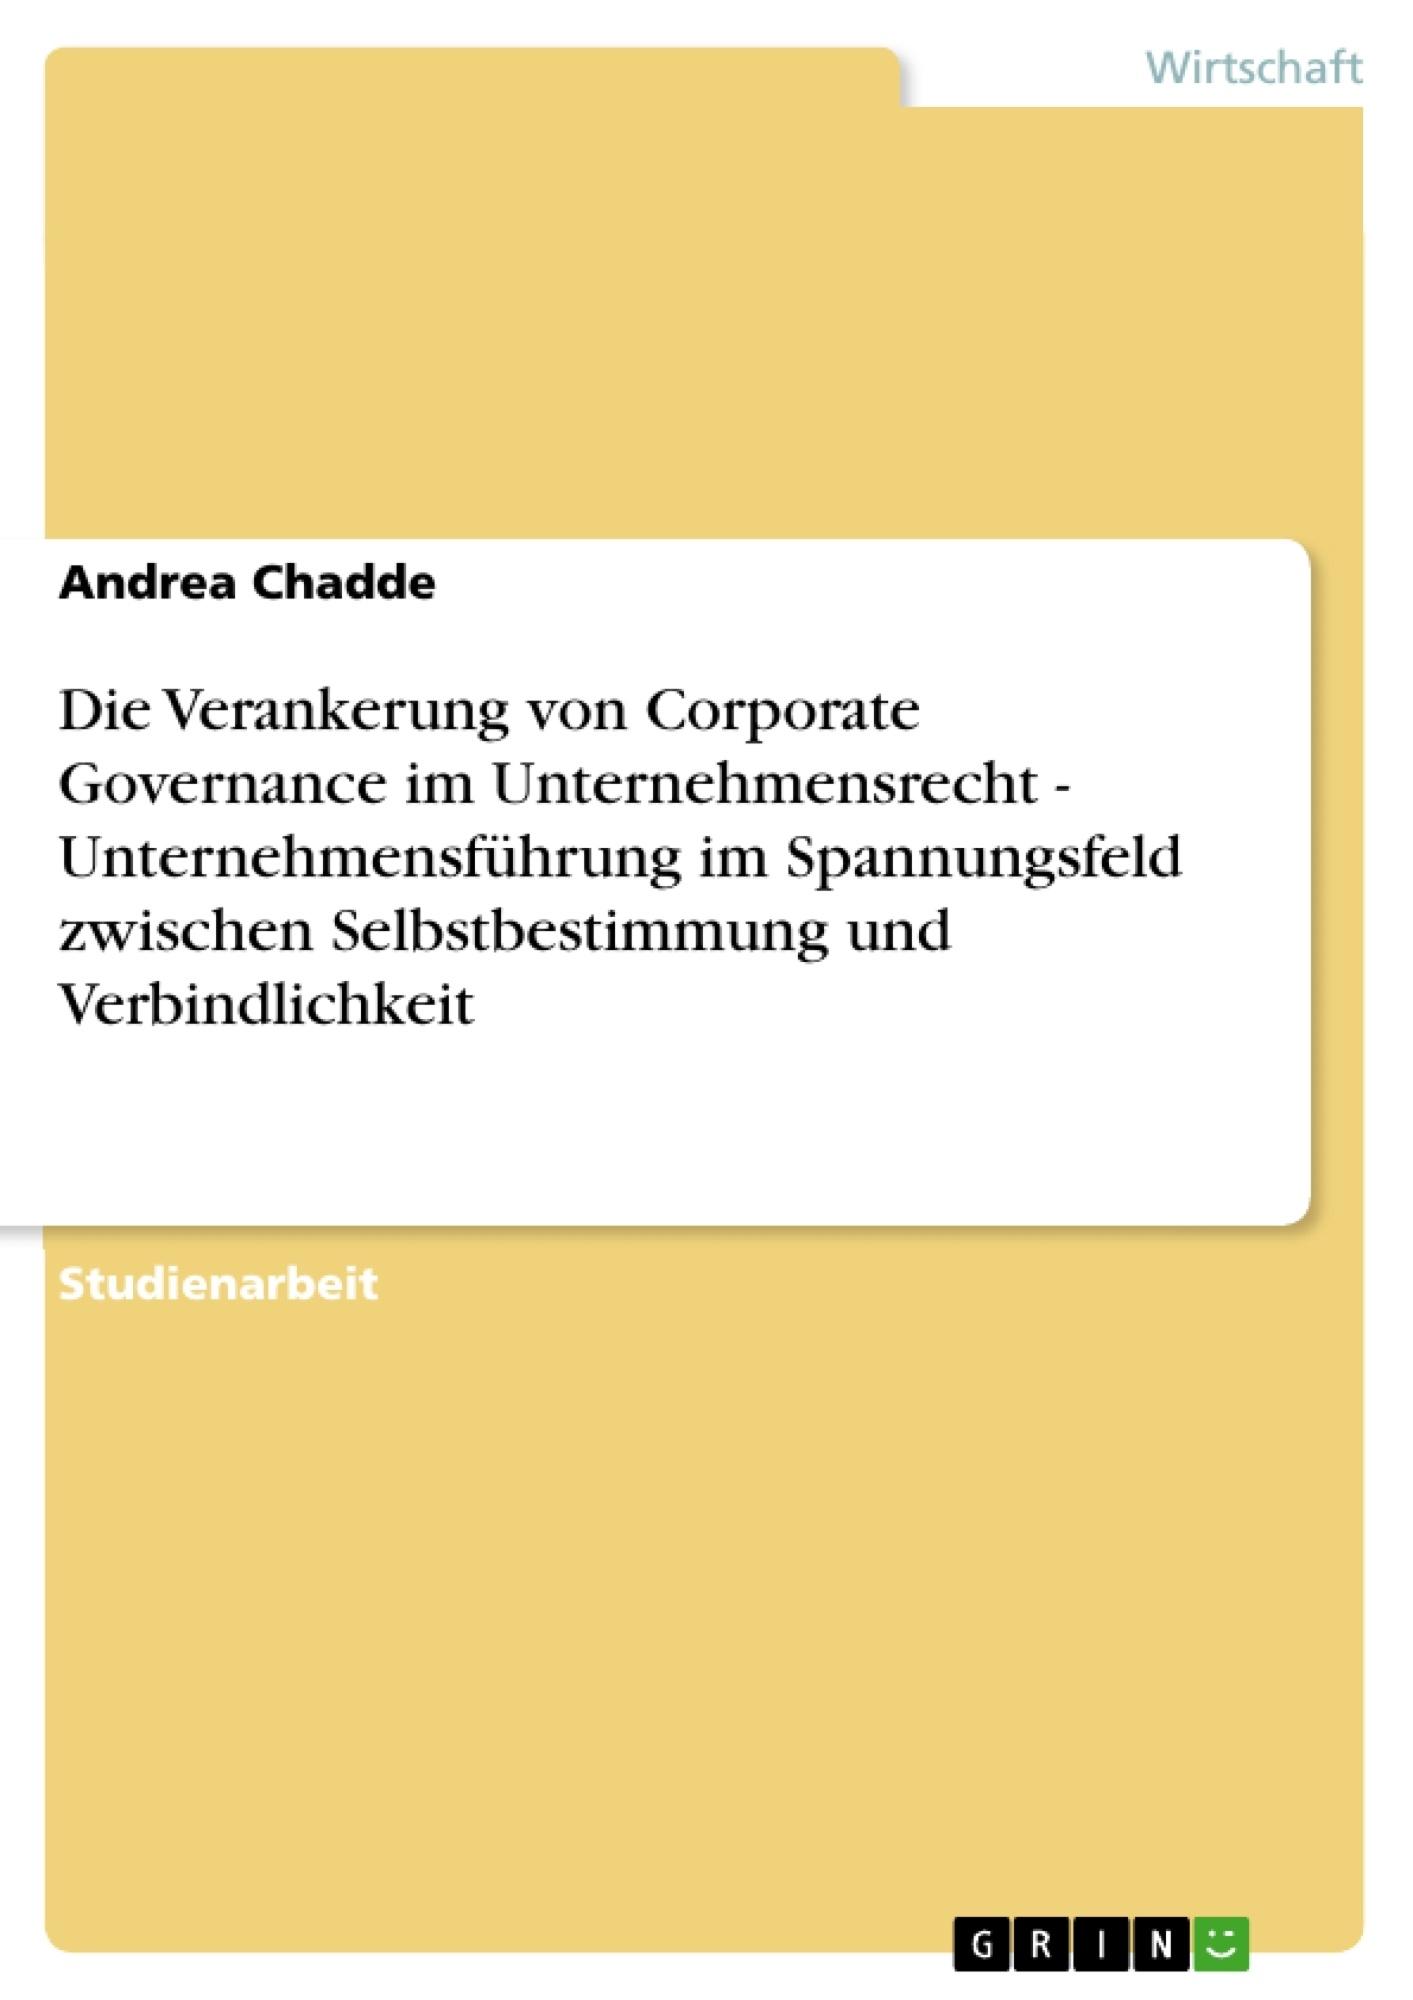 Titel: Die Verankerung von Corporate Governance im Unternehmensrecht - Unternehmensführung im Spannungsfeld zwischen Selbstbestimmung und Verbindlichkeit